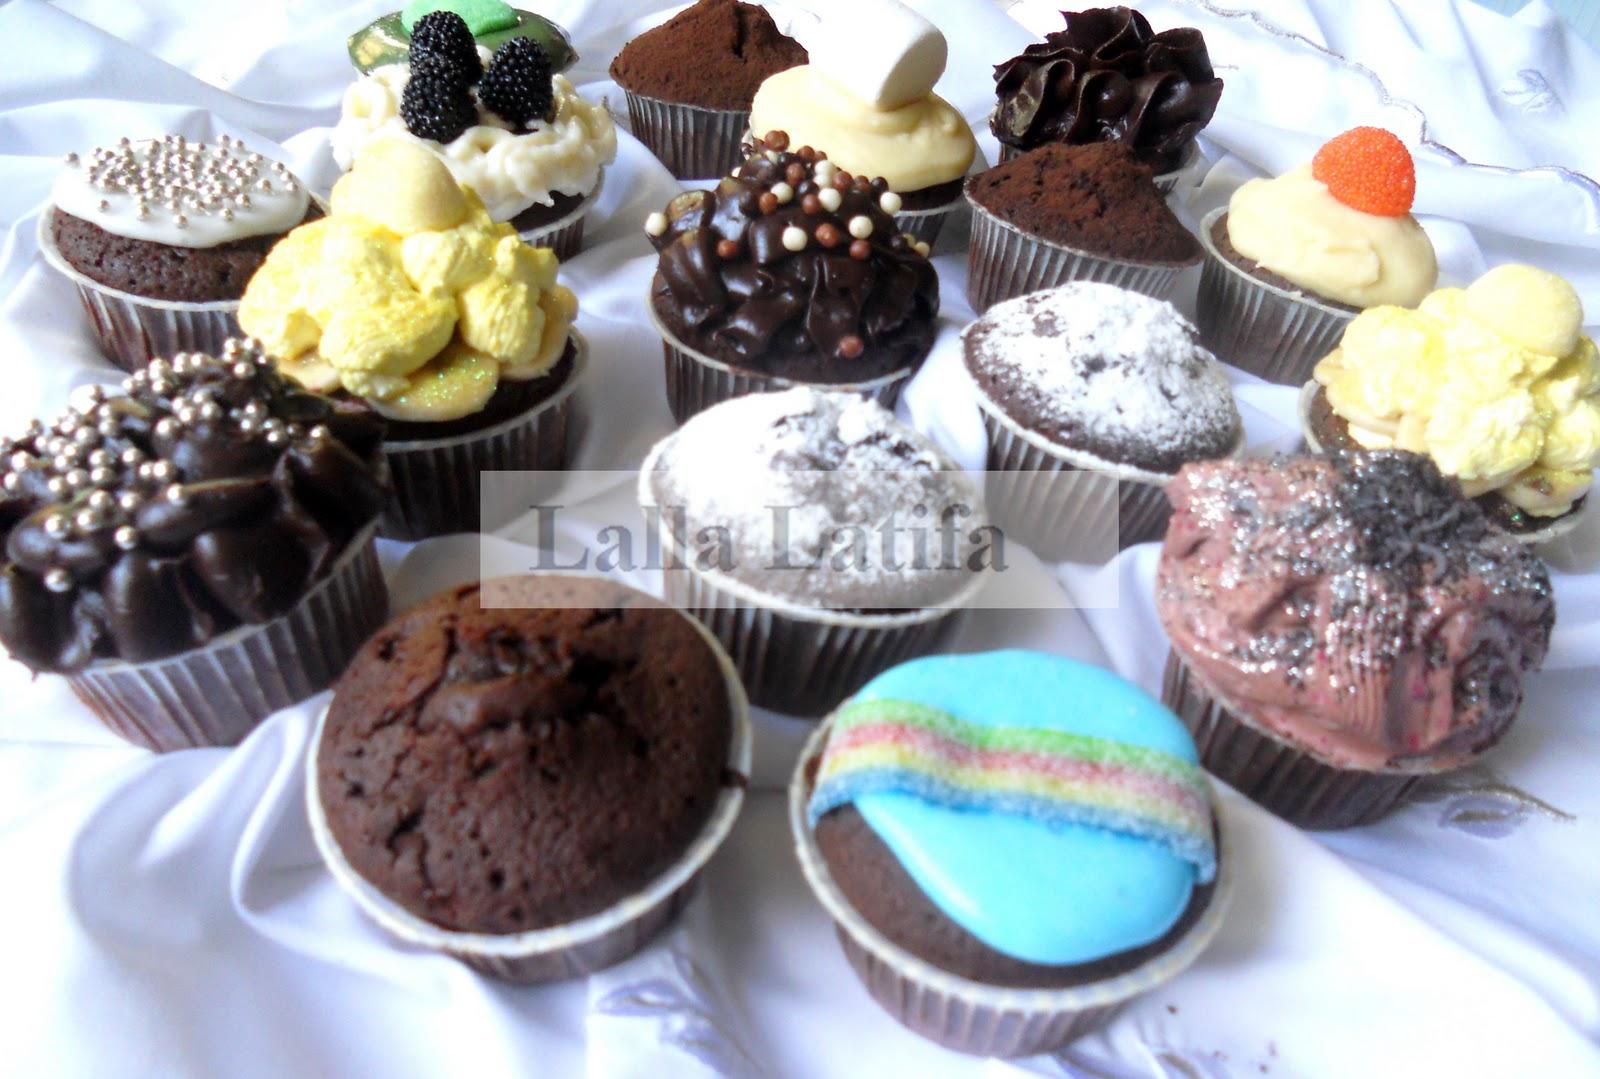 Les secrets de cuisine par latifa cupcakes au chocolat for Secrets de cuisine